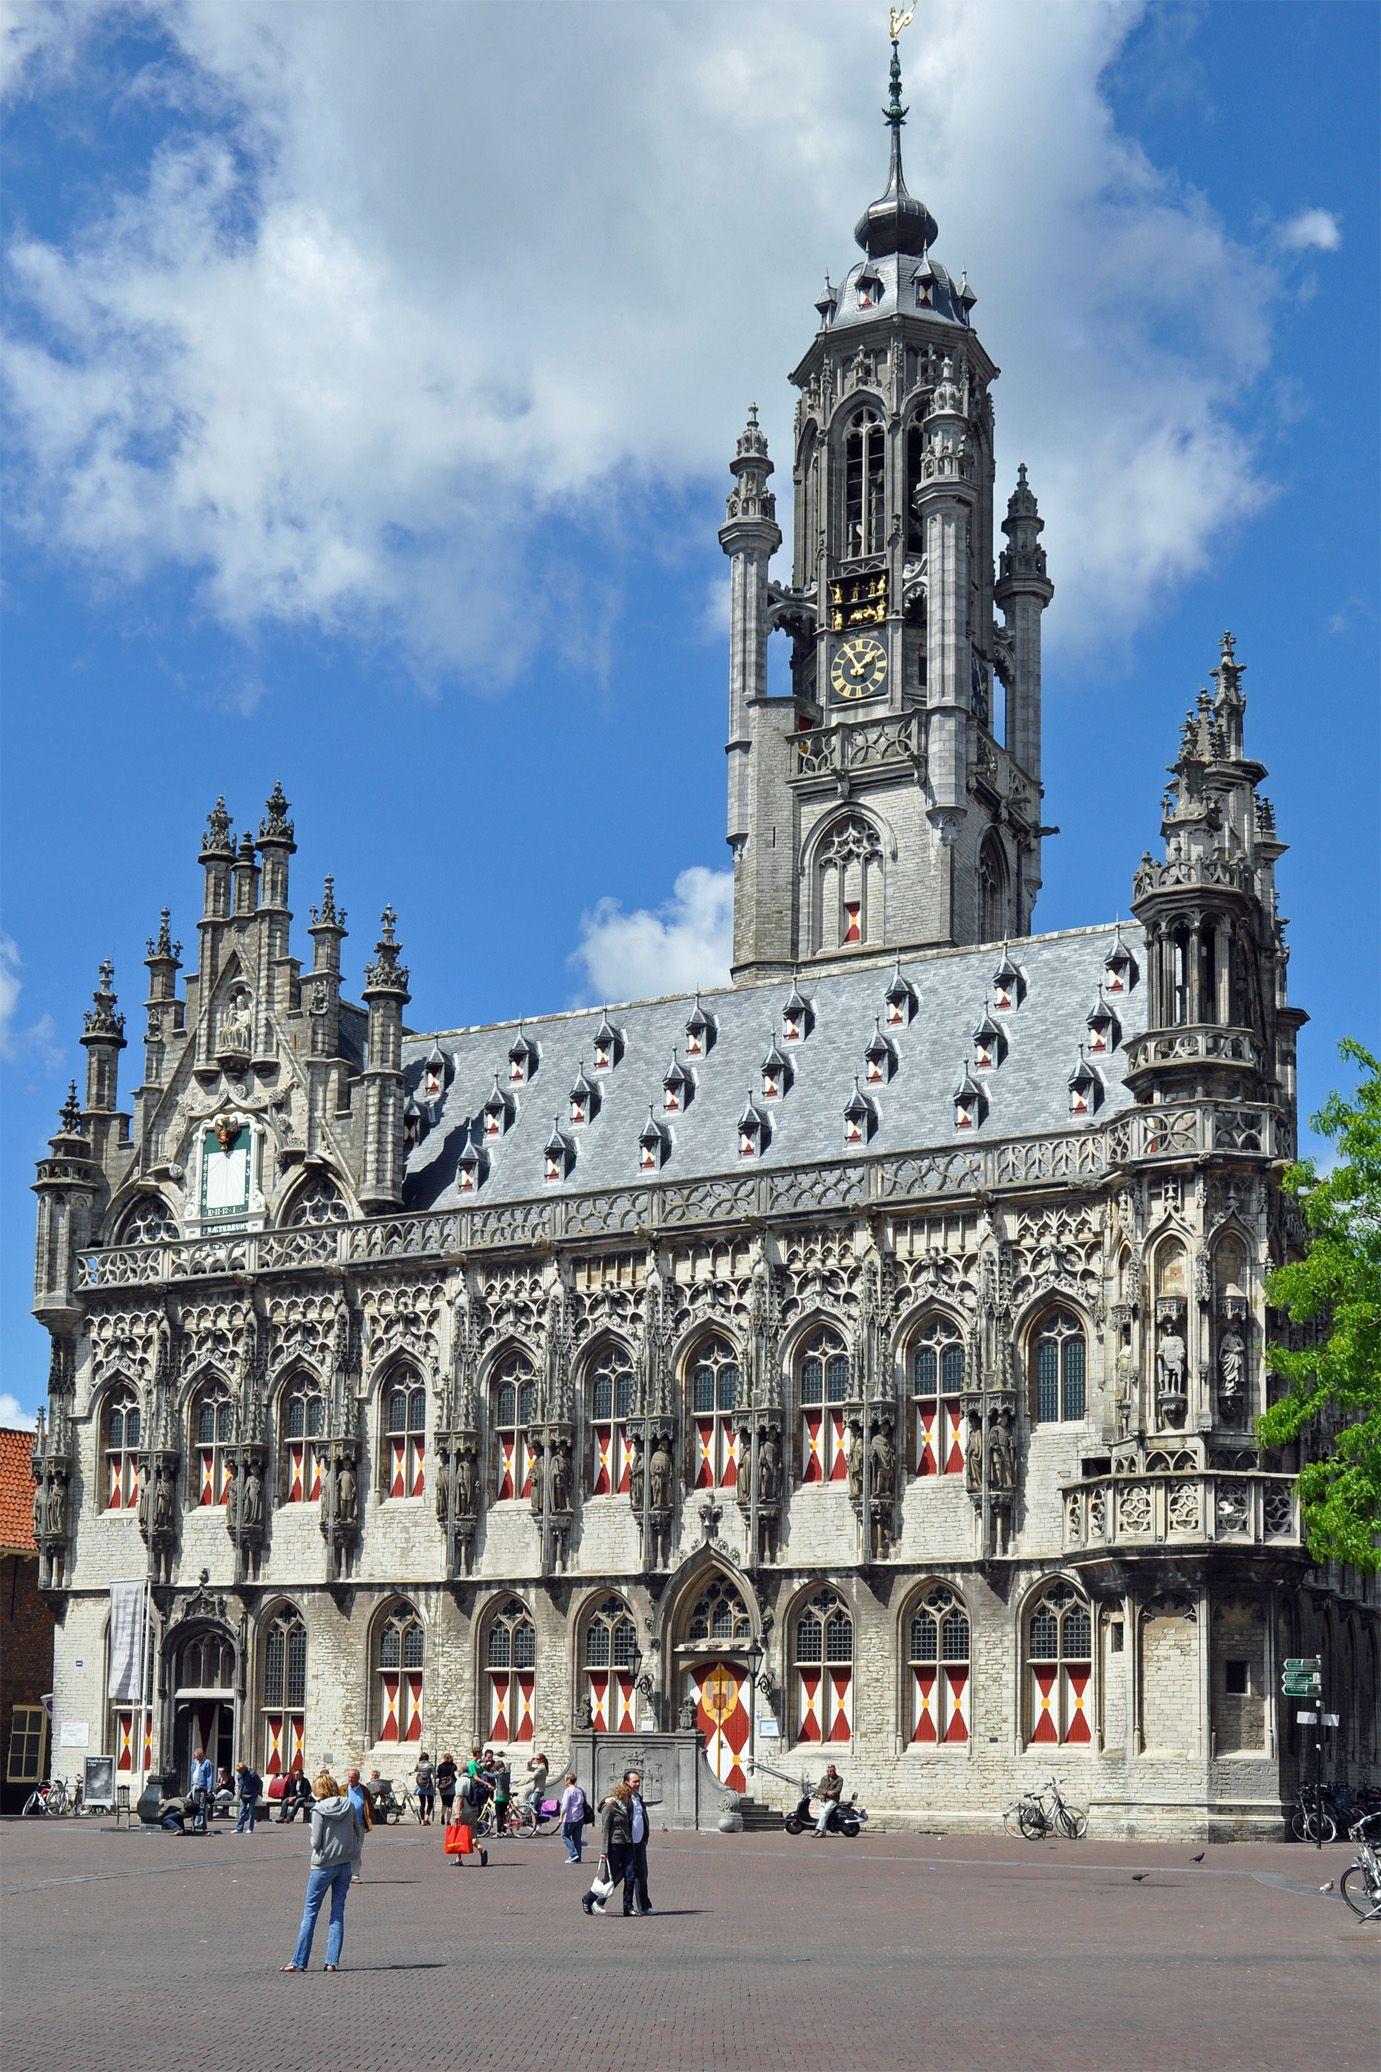 Middelburg Zeeland Stadhuis City hall Rathaus Mairie